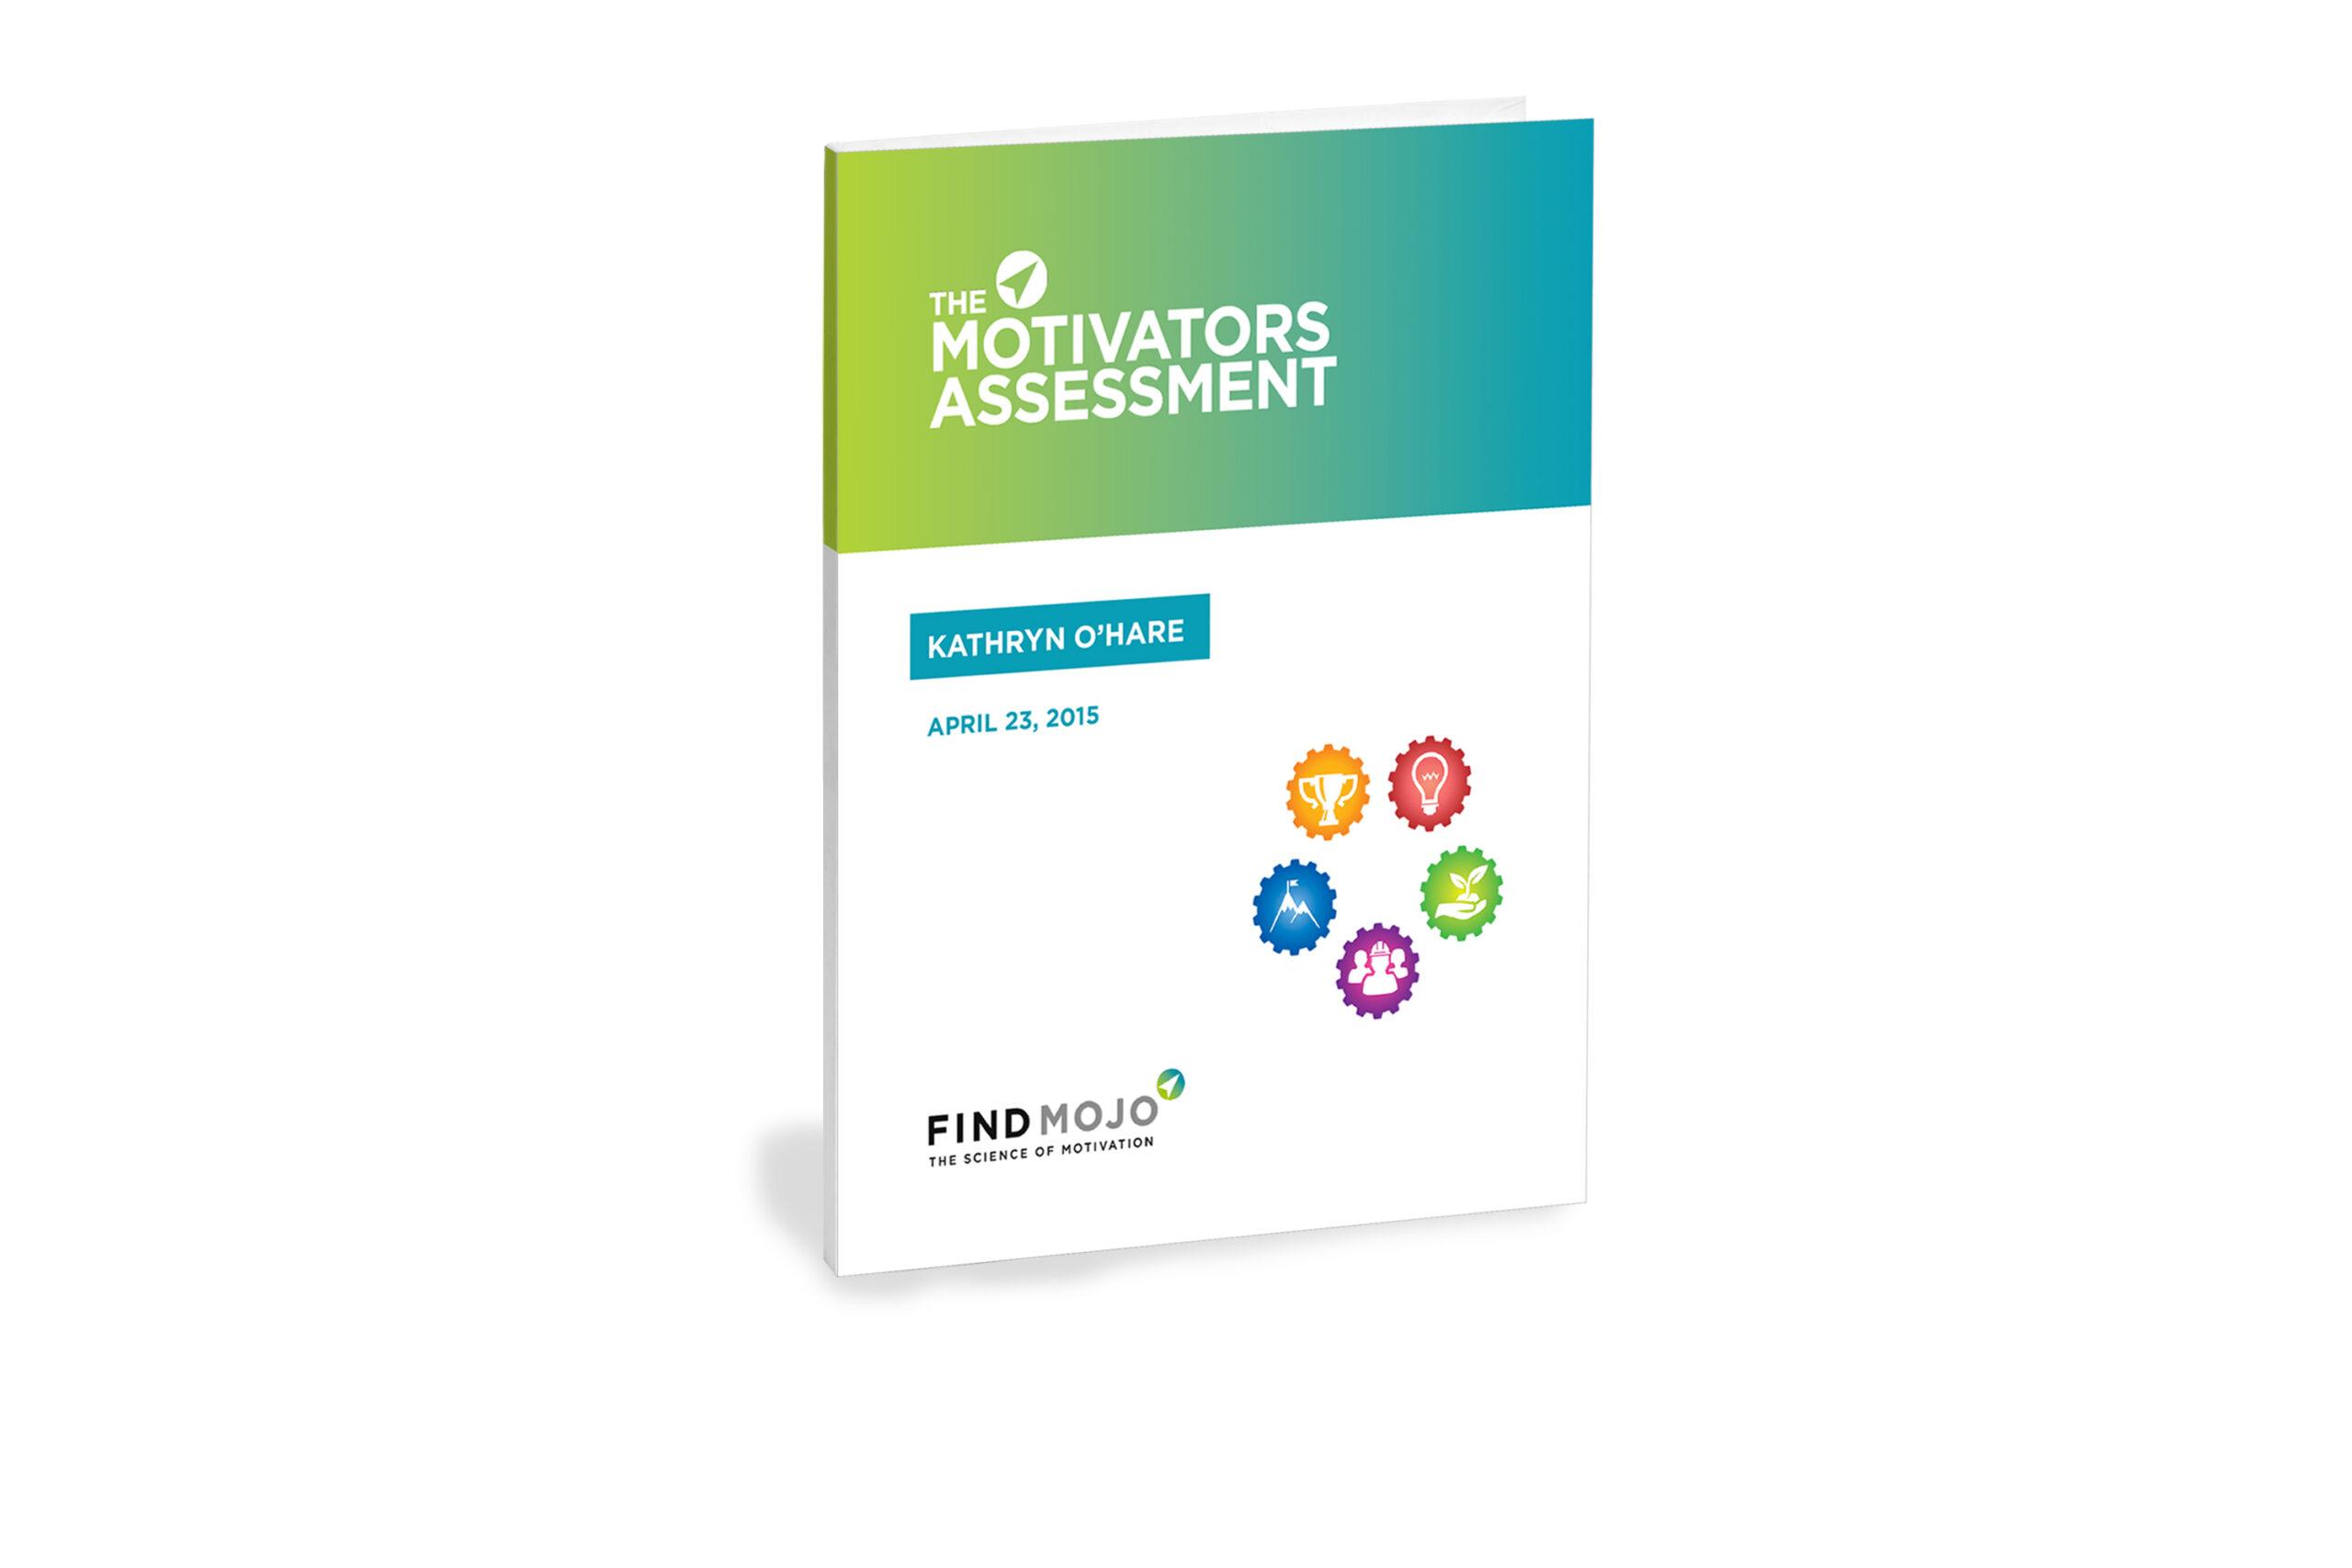 motivators assessment book